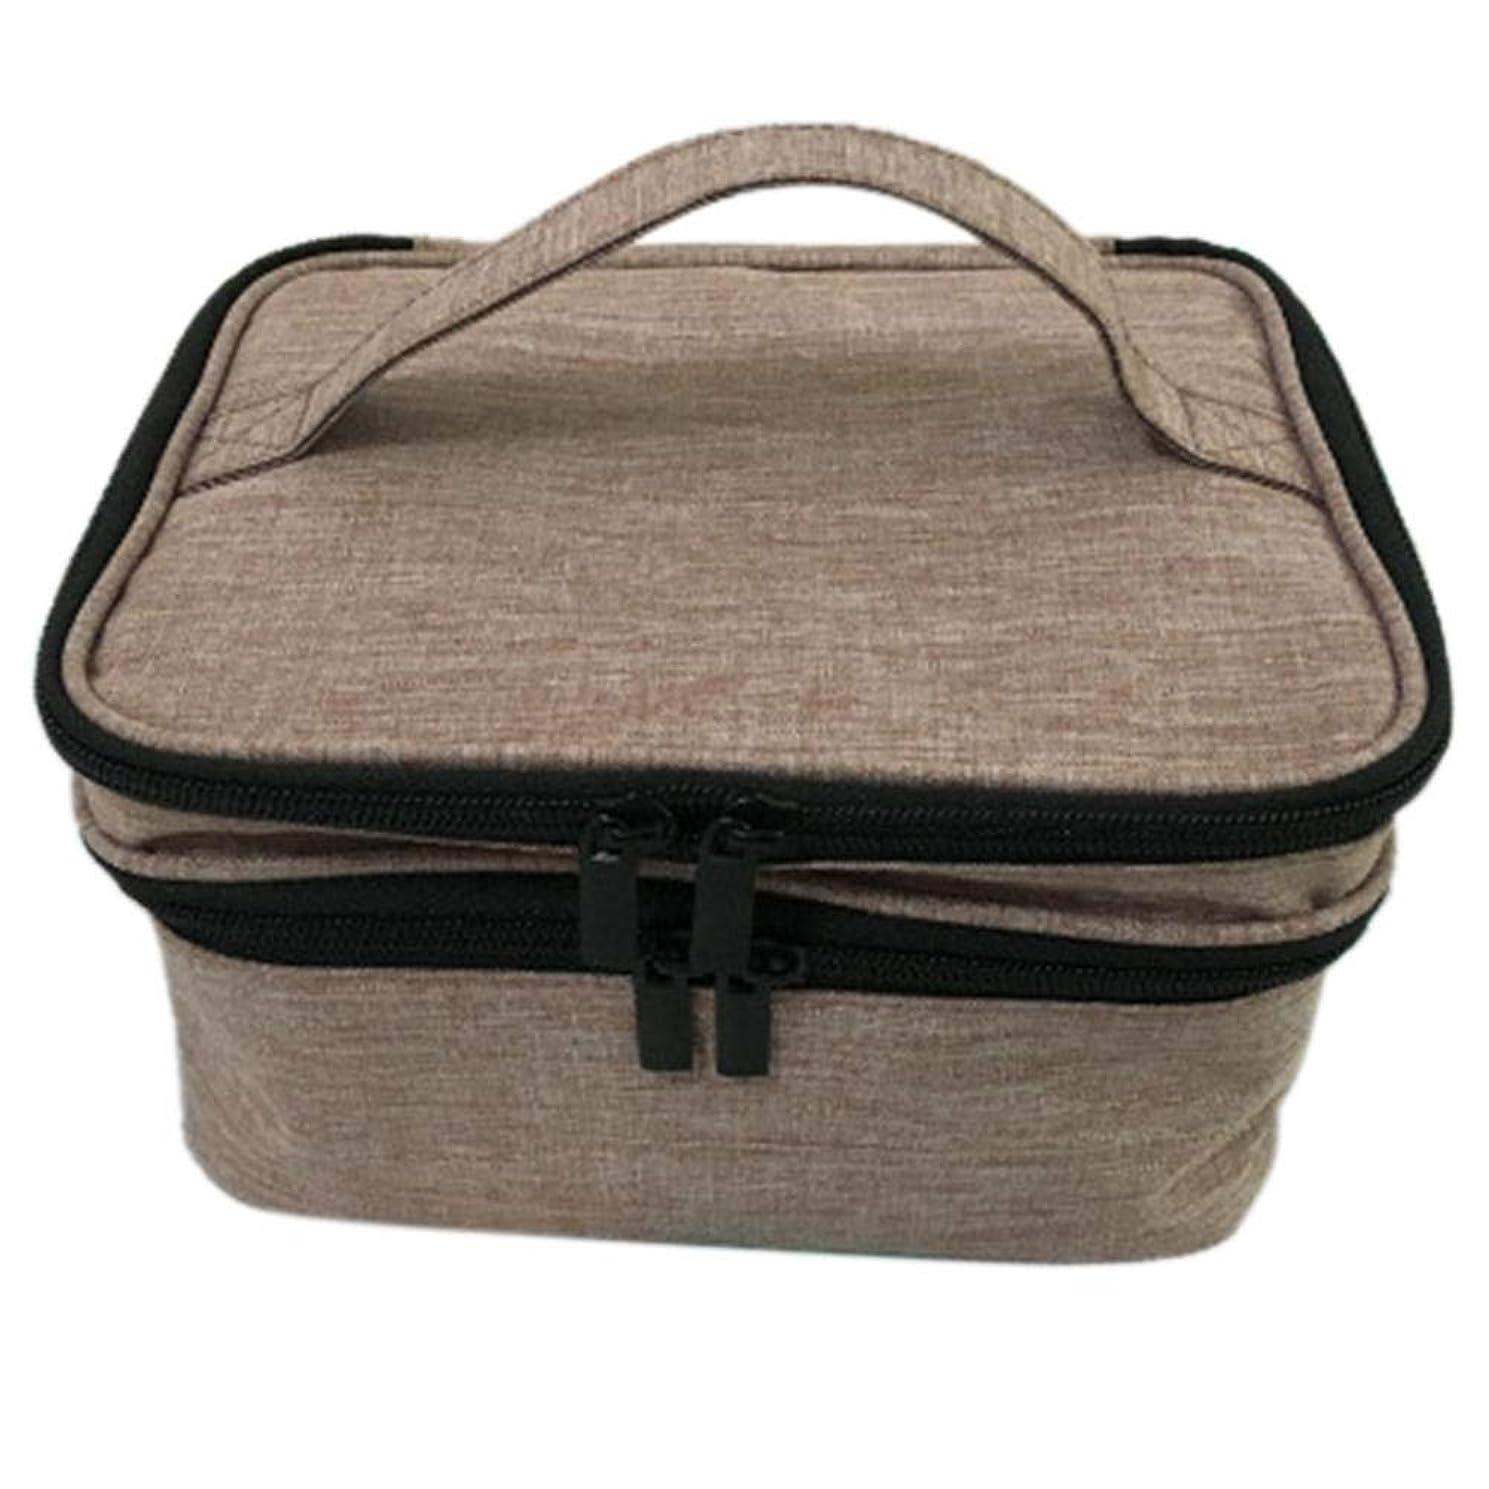 アパート引き潮前収納バッグ 30格 仕切り エッセンシャルオイル 精油 保管袋 収納ボックス 収納ケース 精油ケース 香水収納バッグ 不織布 携帯便利 耐震 30本用 (5ml~30ml)